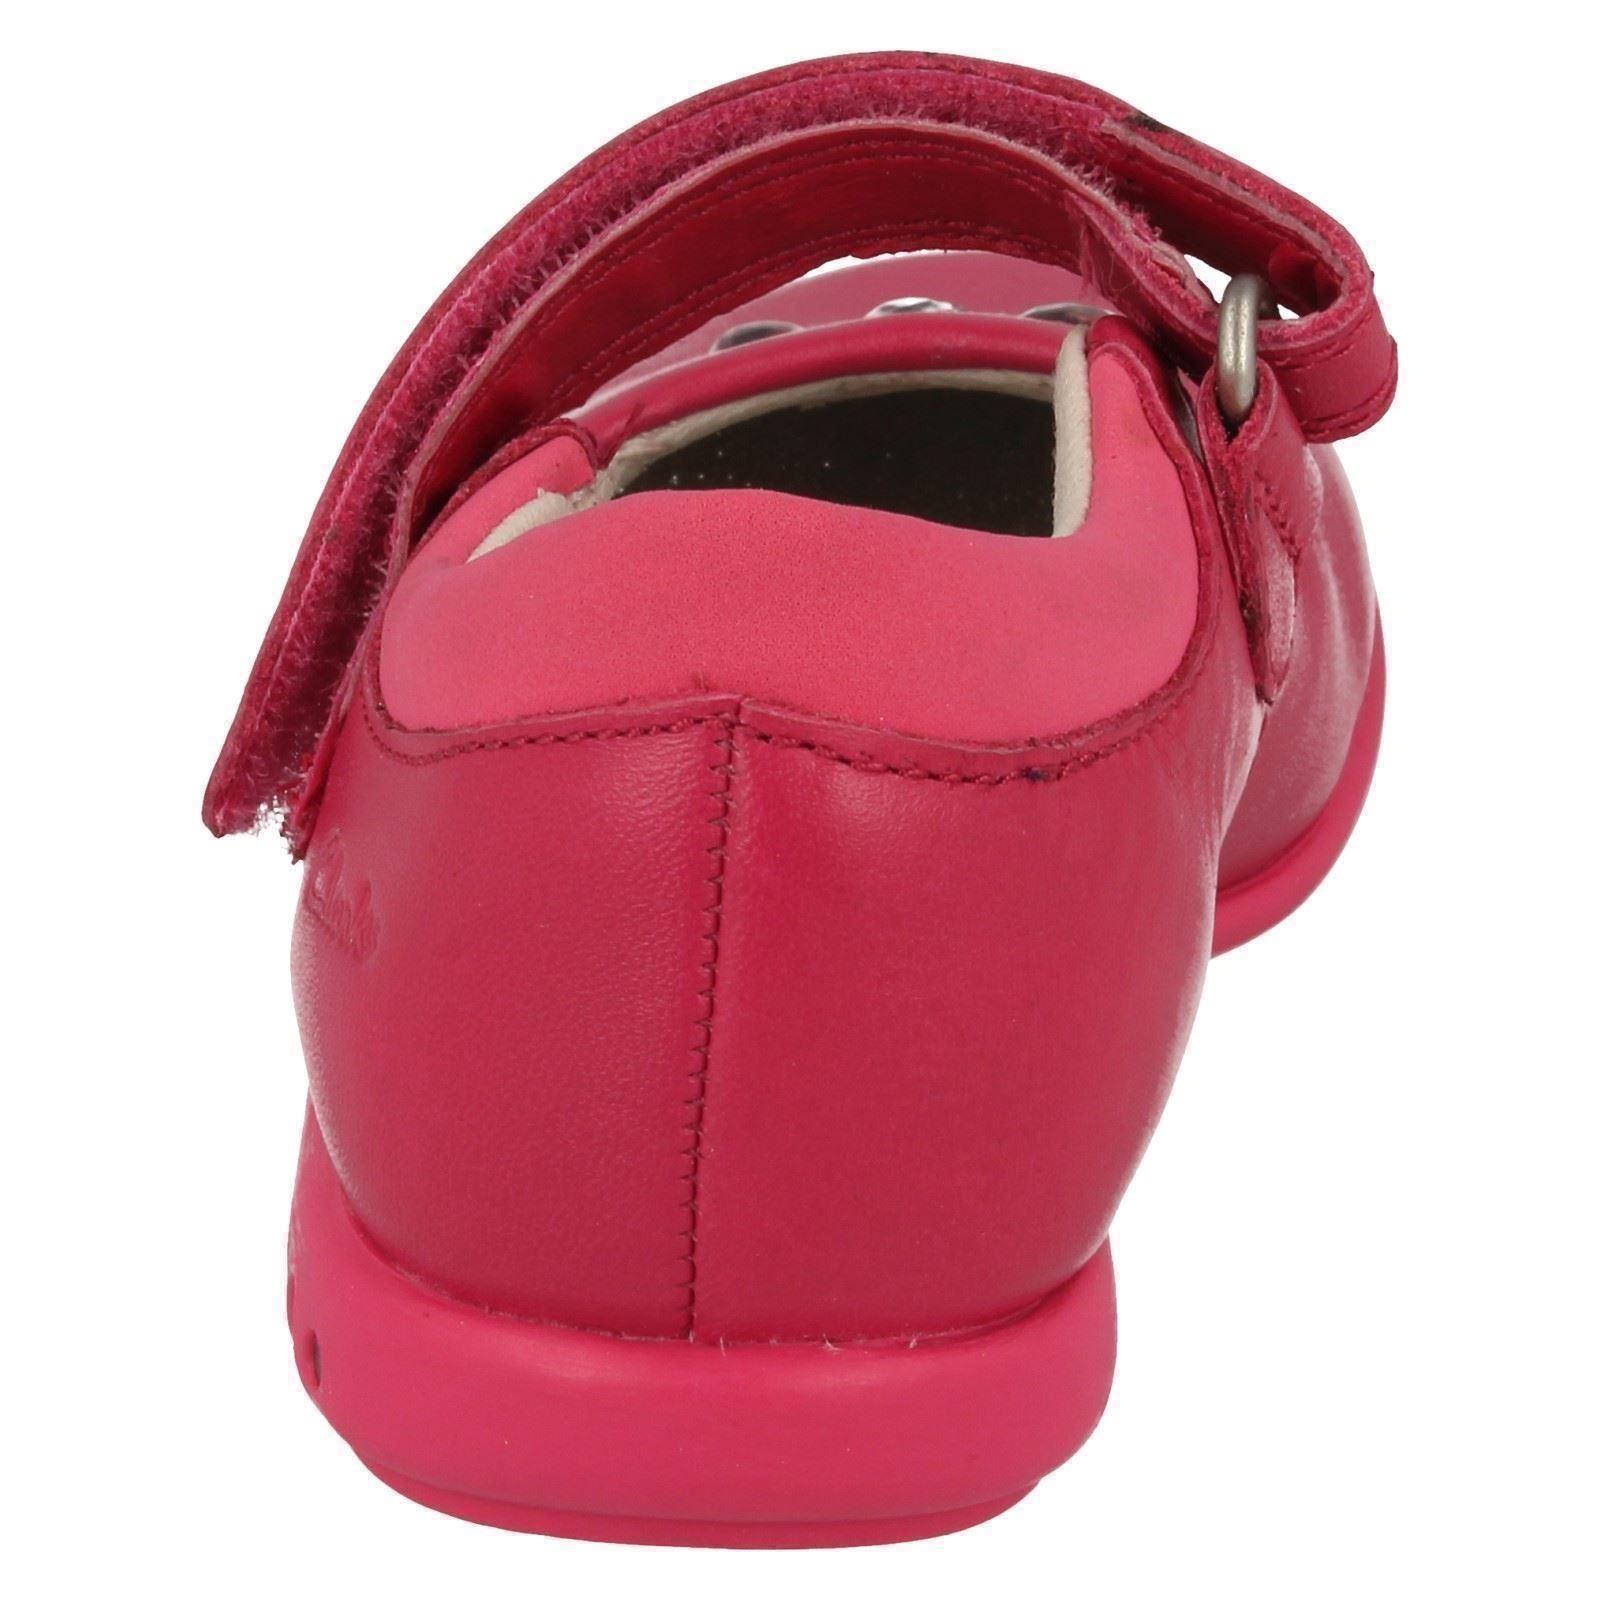 Chicas Clarks Zapatos Informales Estilo-Trixi Spice